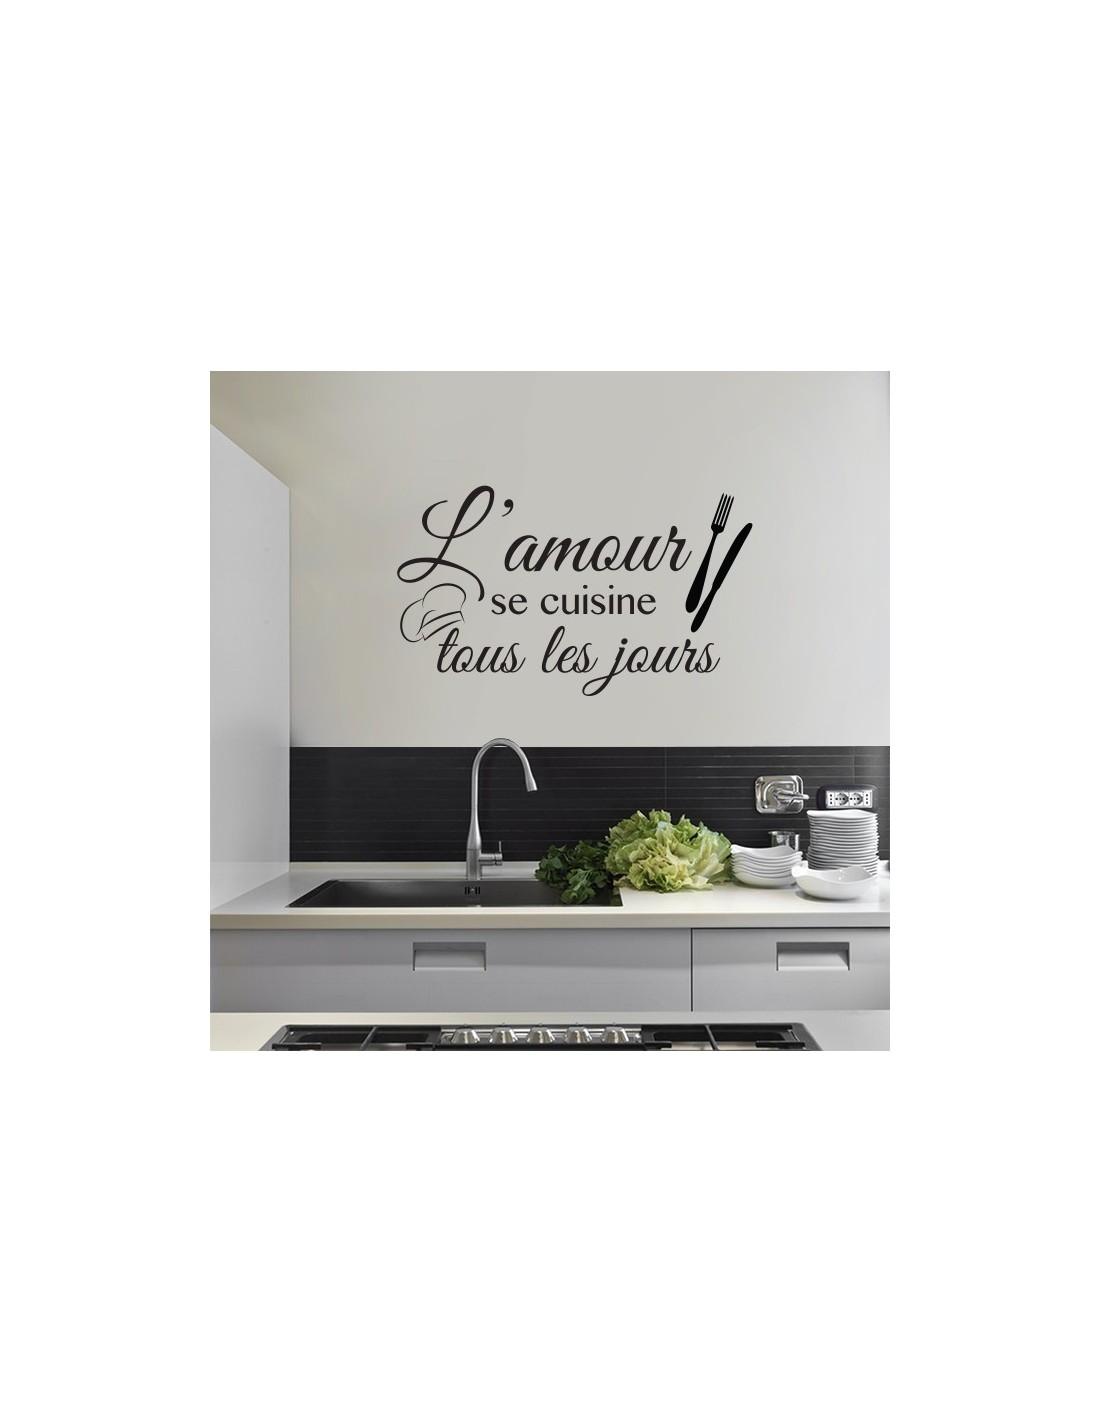 tous les jours ref4cuisine Stickers Citation Cuisine Amour Autocollant muraux